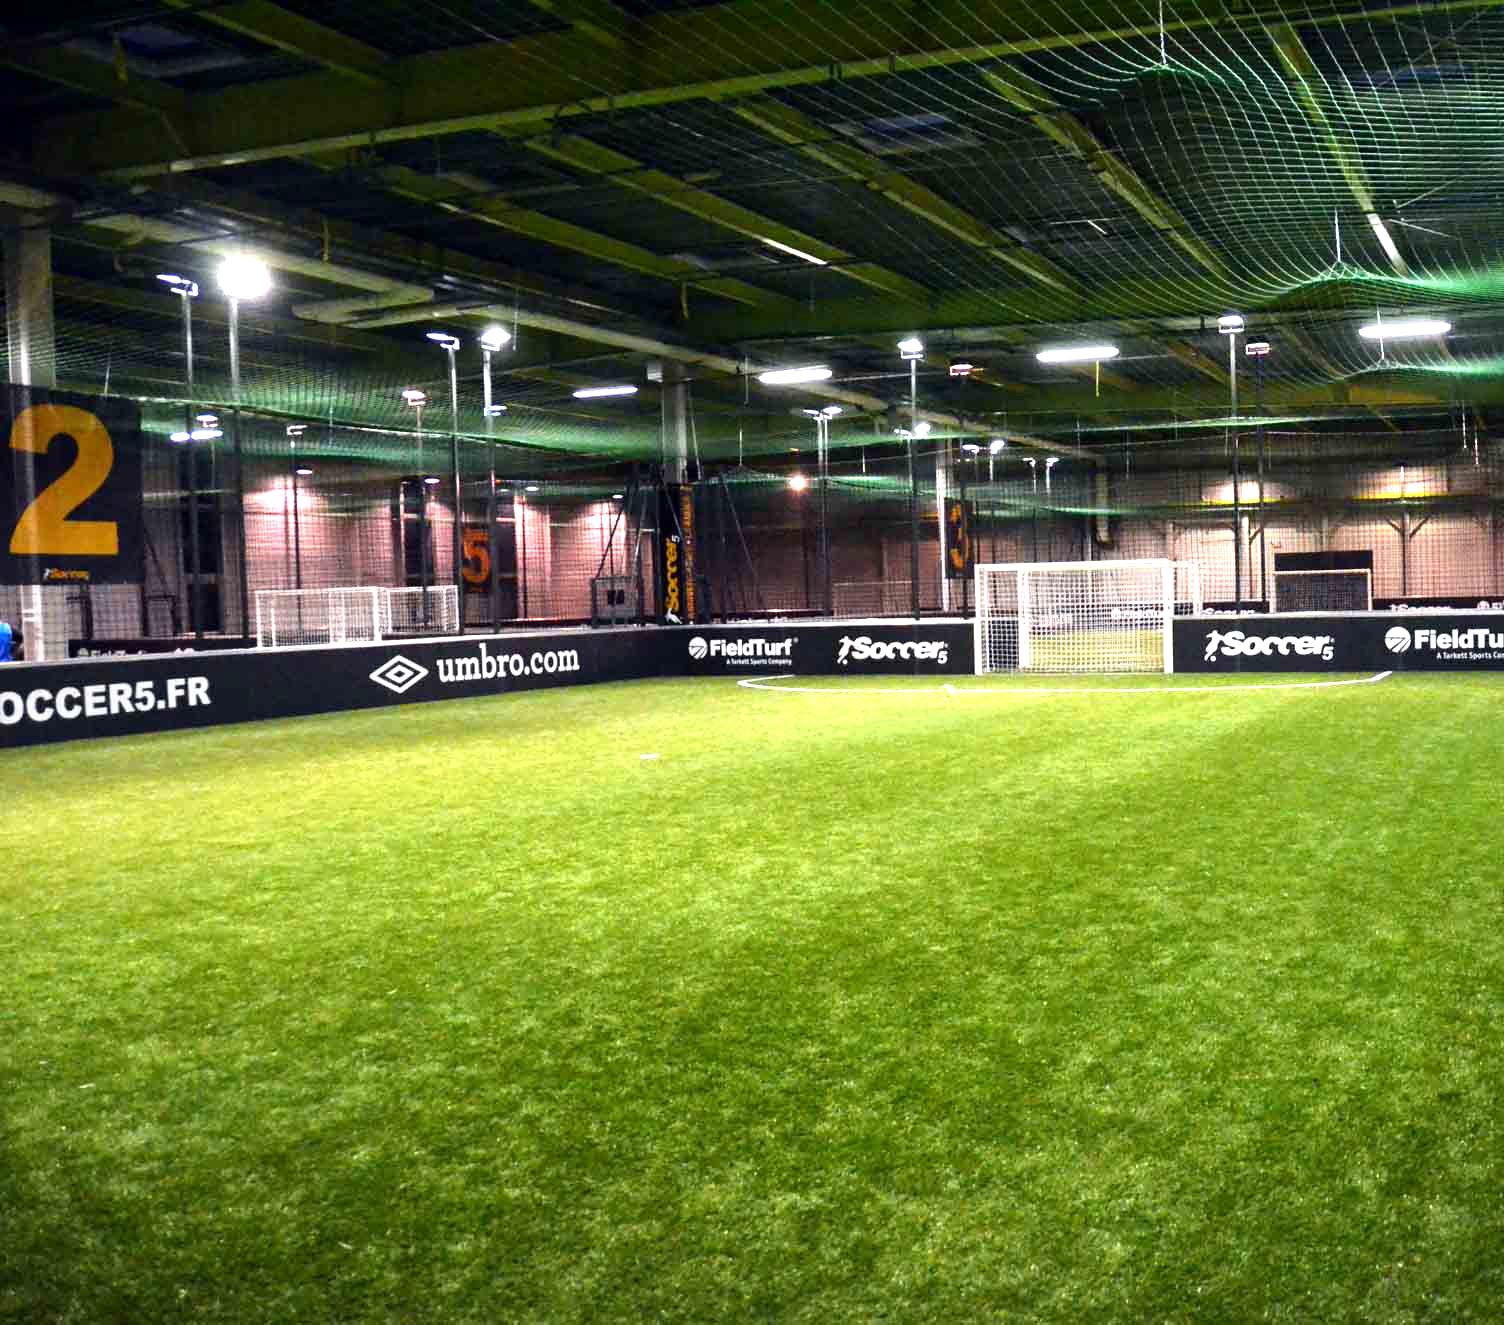 Terrain-Soccer5